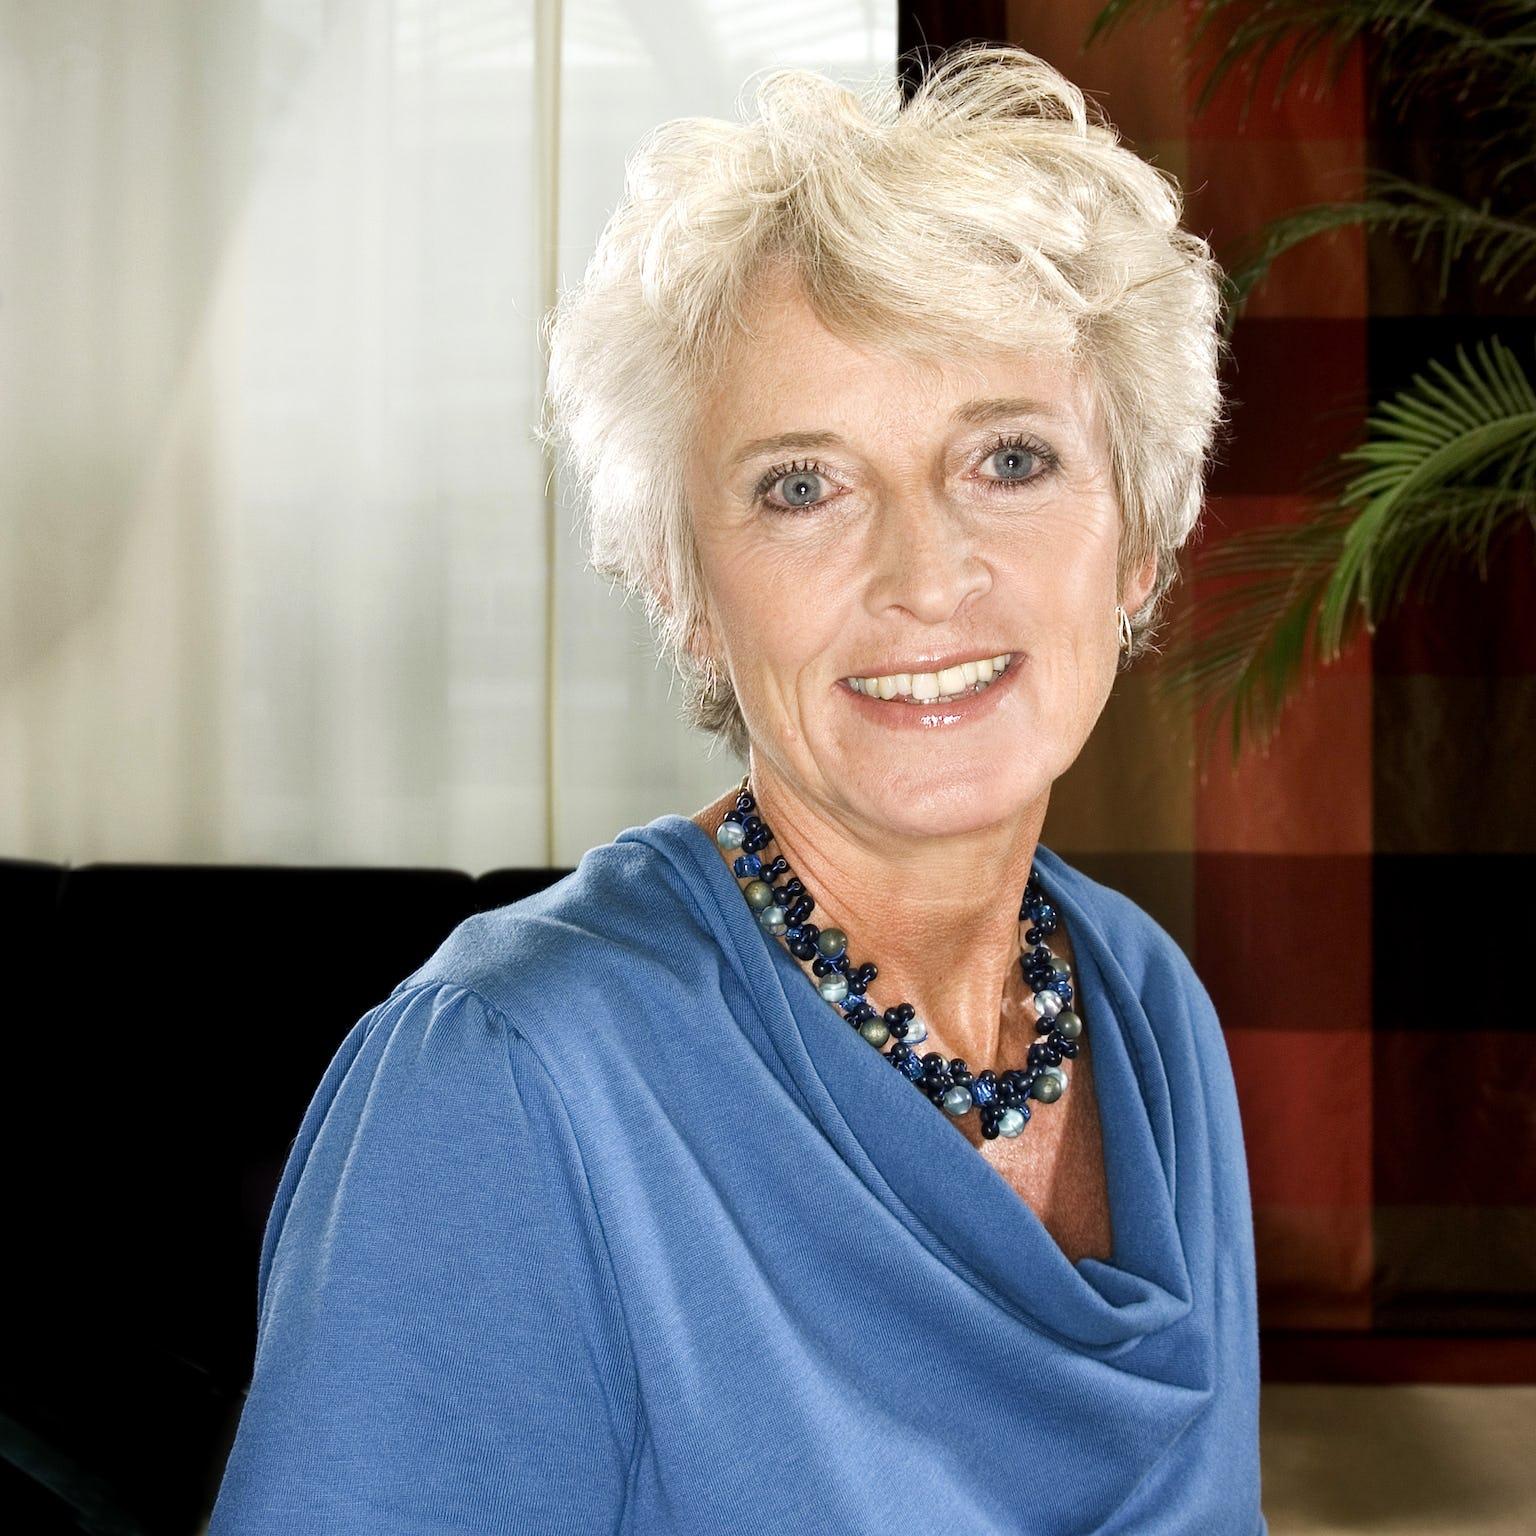 Dr Jacqueline Cramer Headshot